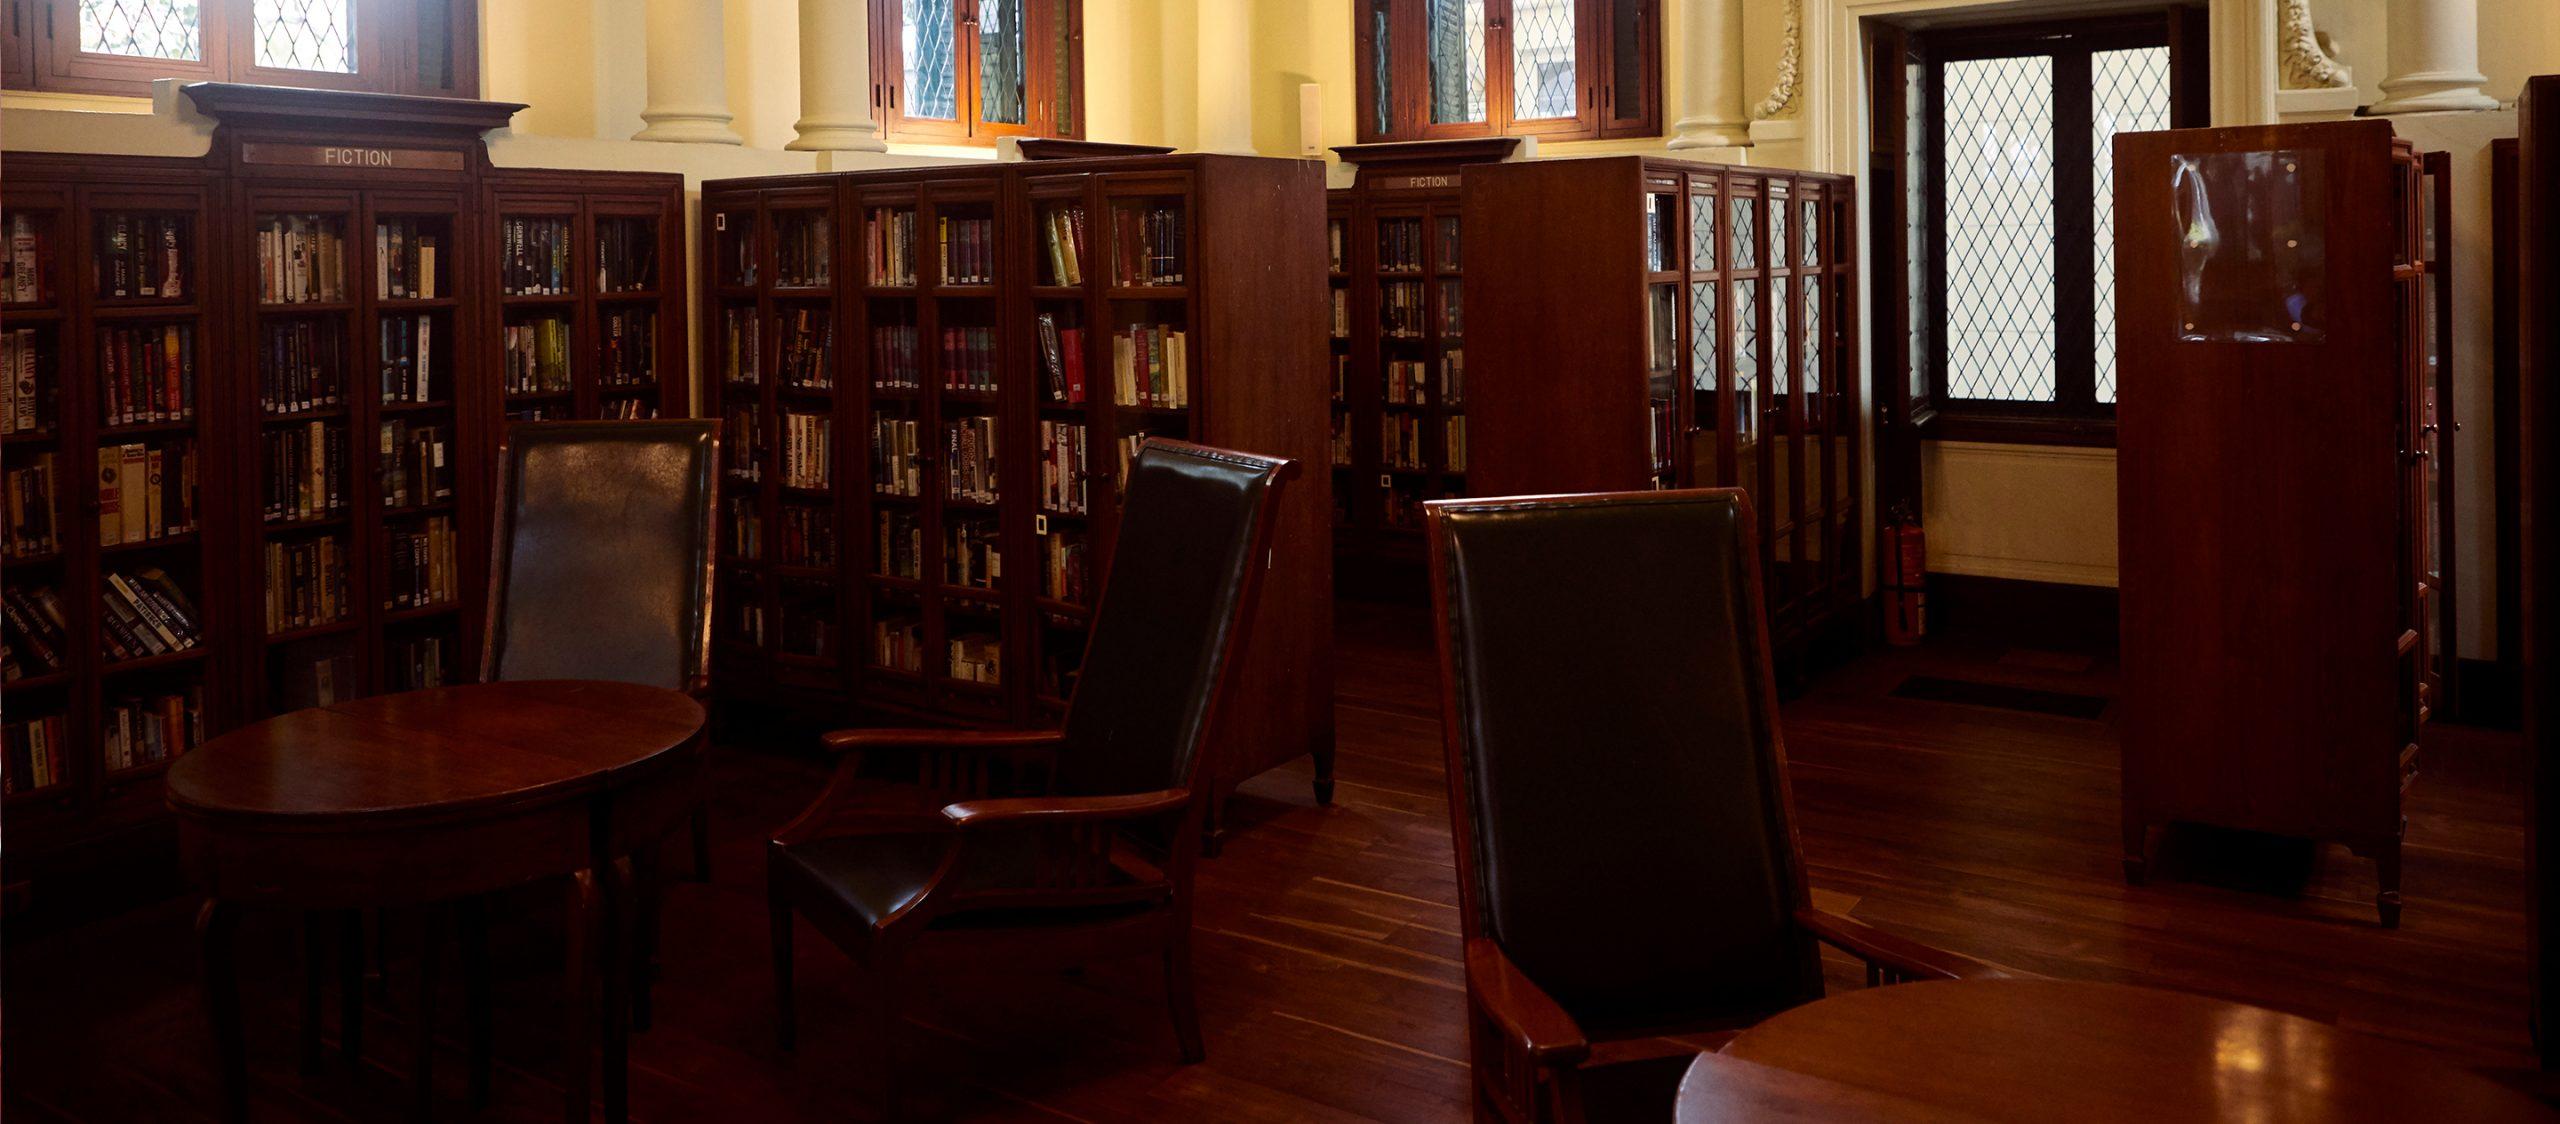 คุยกับ นลิน วนาสิน เรื่องเทศกาลวรรณกรรมนานาชาติและลมหายใจของห้องสมุด Neilson Hays